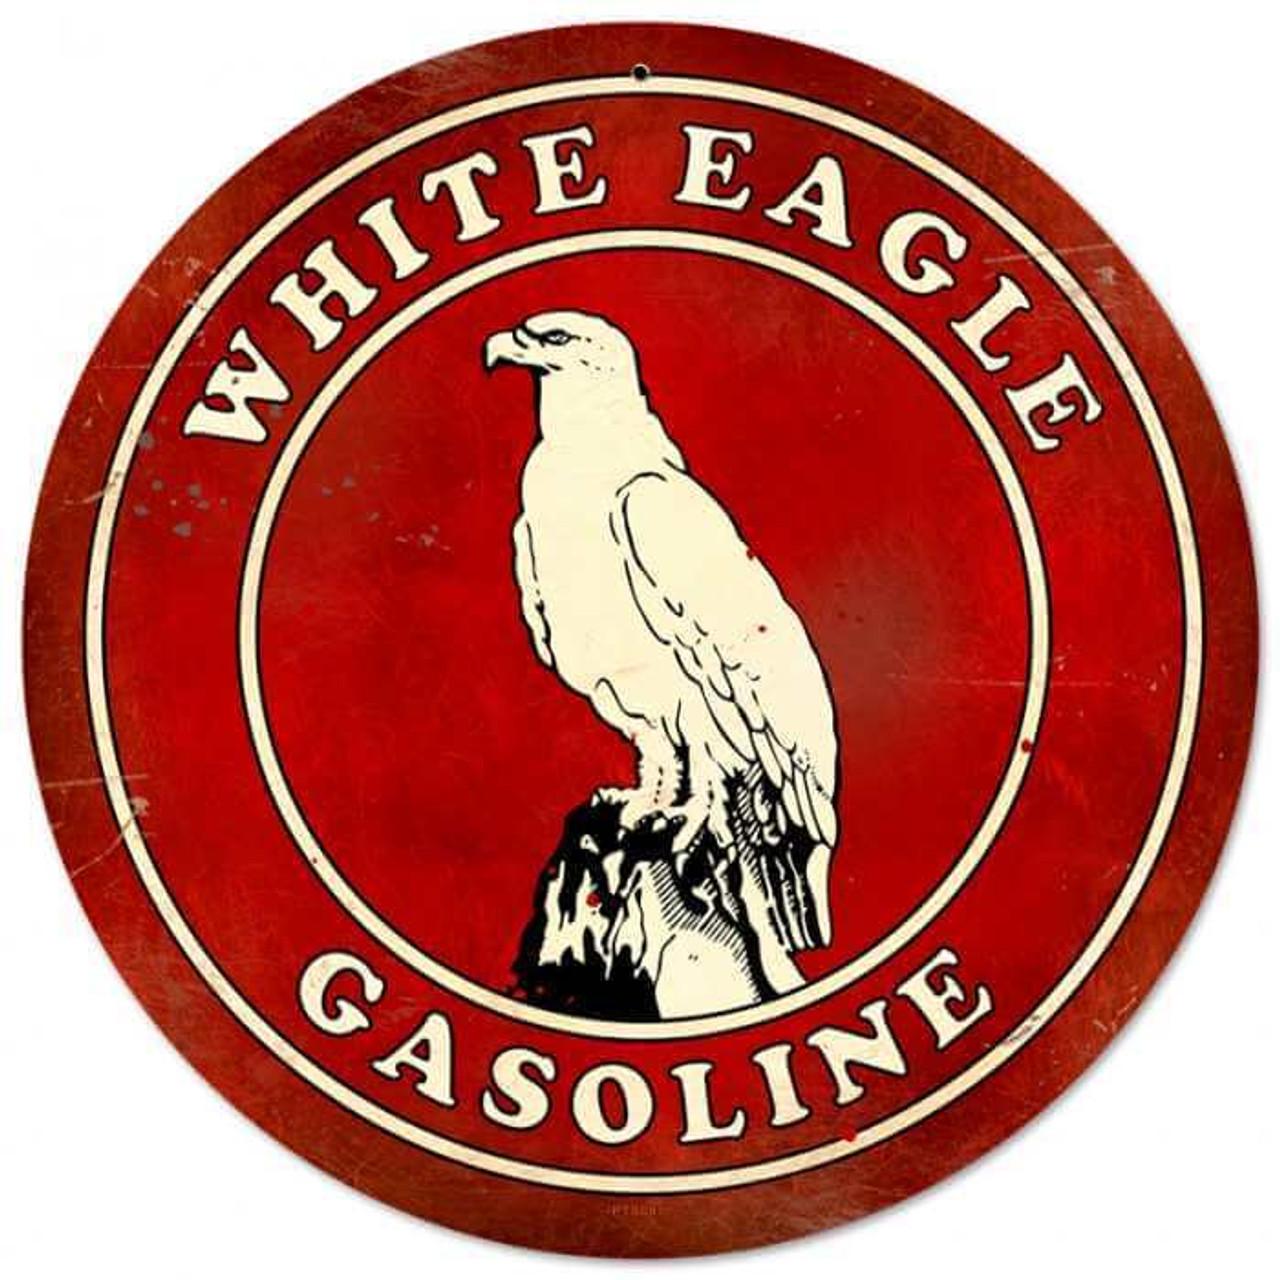 Retro White Eagle Gasoline Round Metal Sign 14 x 14 Inches